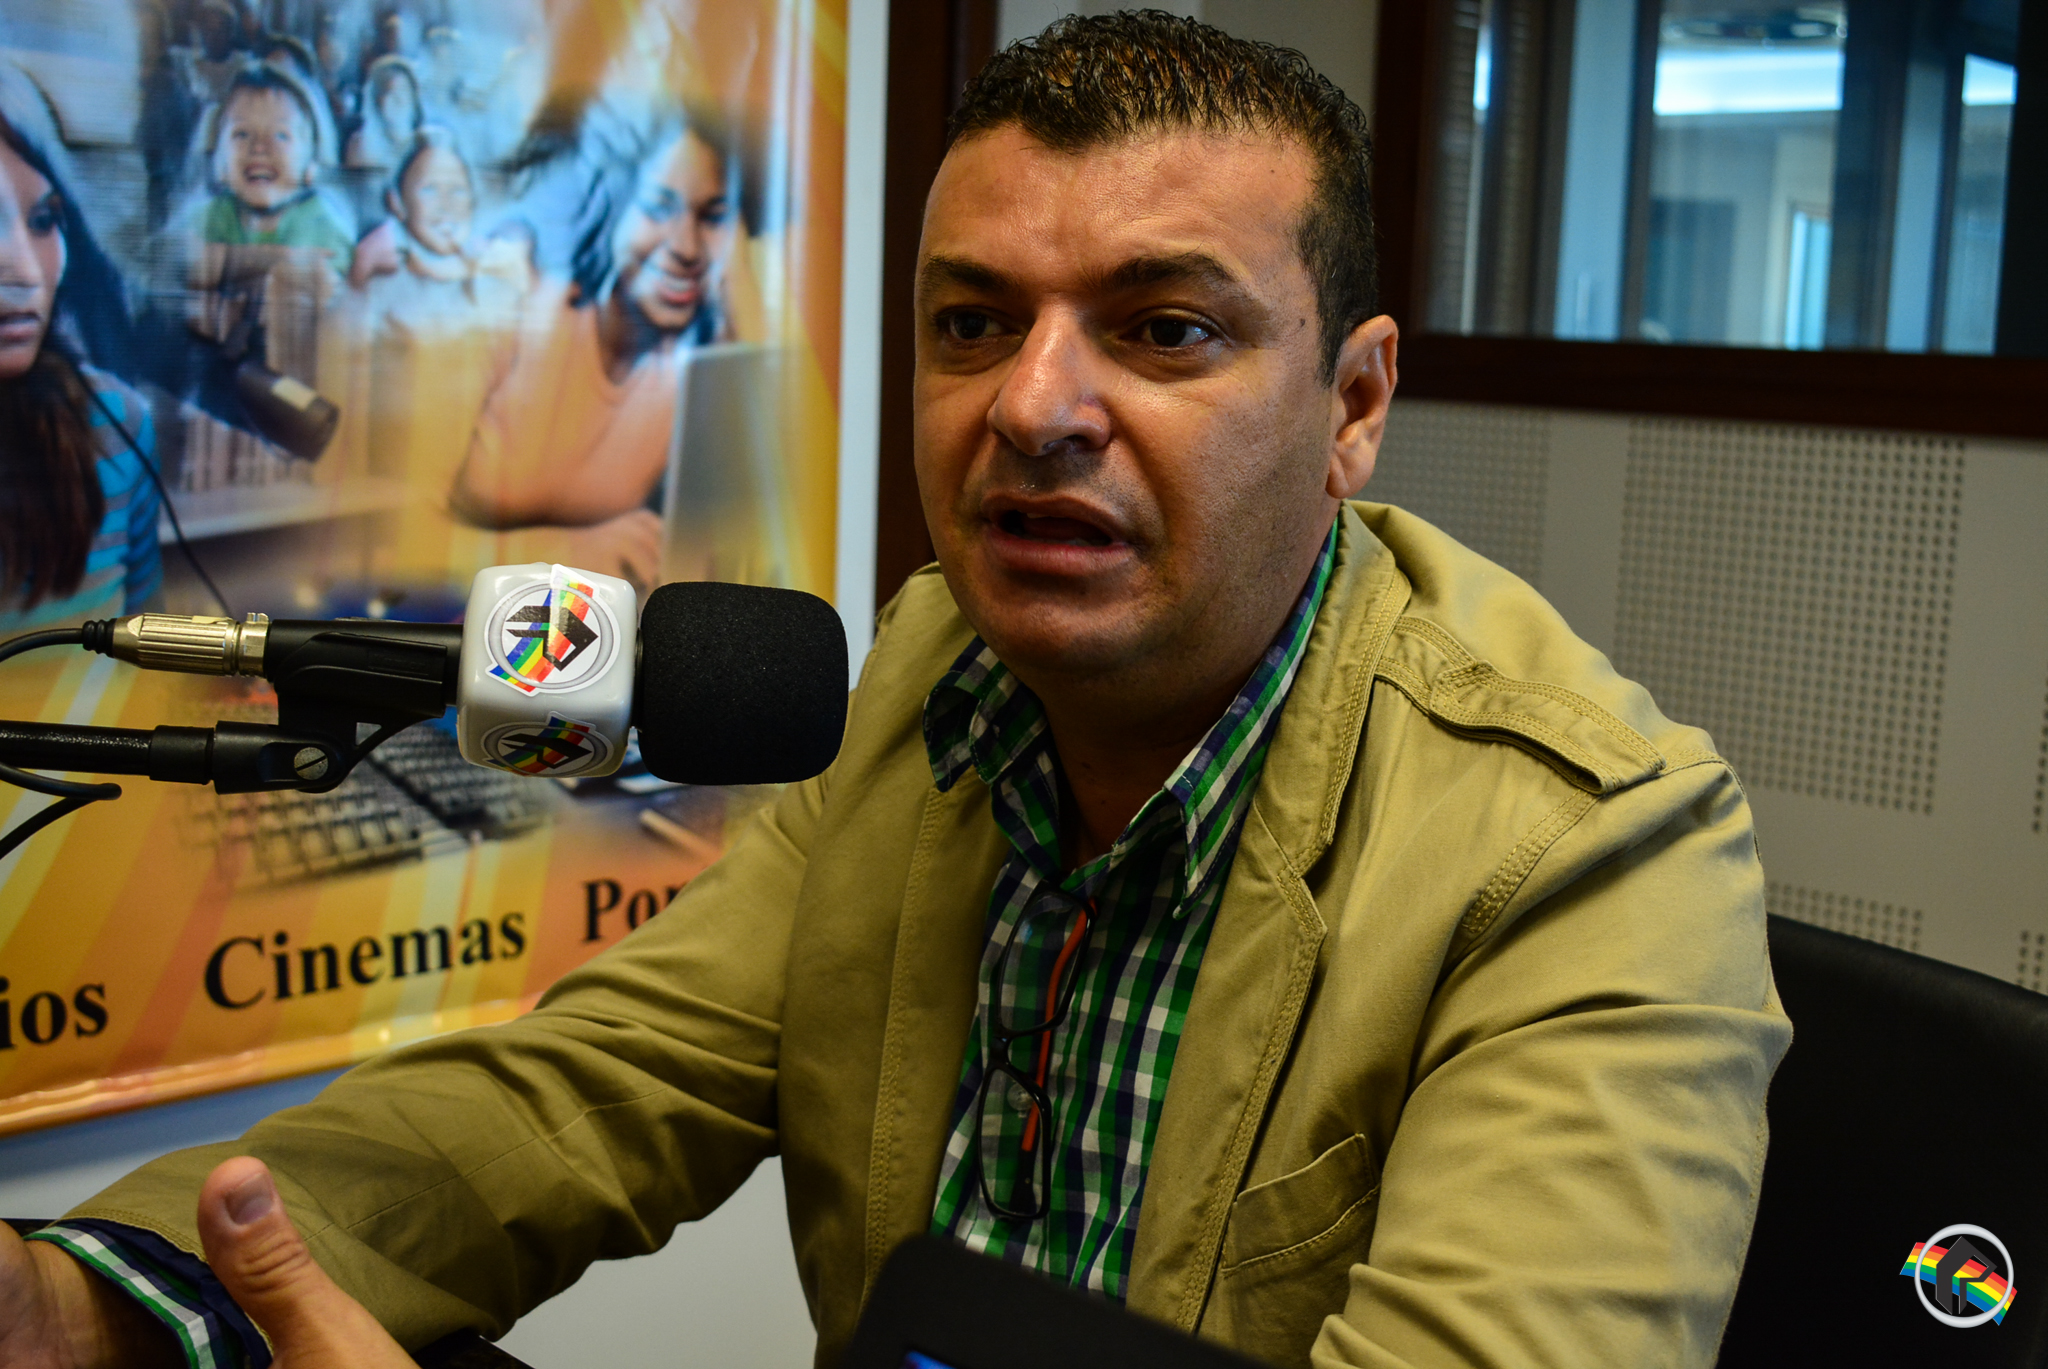 Vereador coloca nome à disposição de partido para candidatura a deputado federal